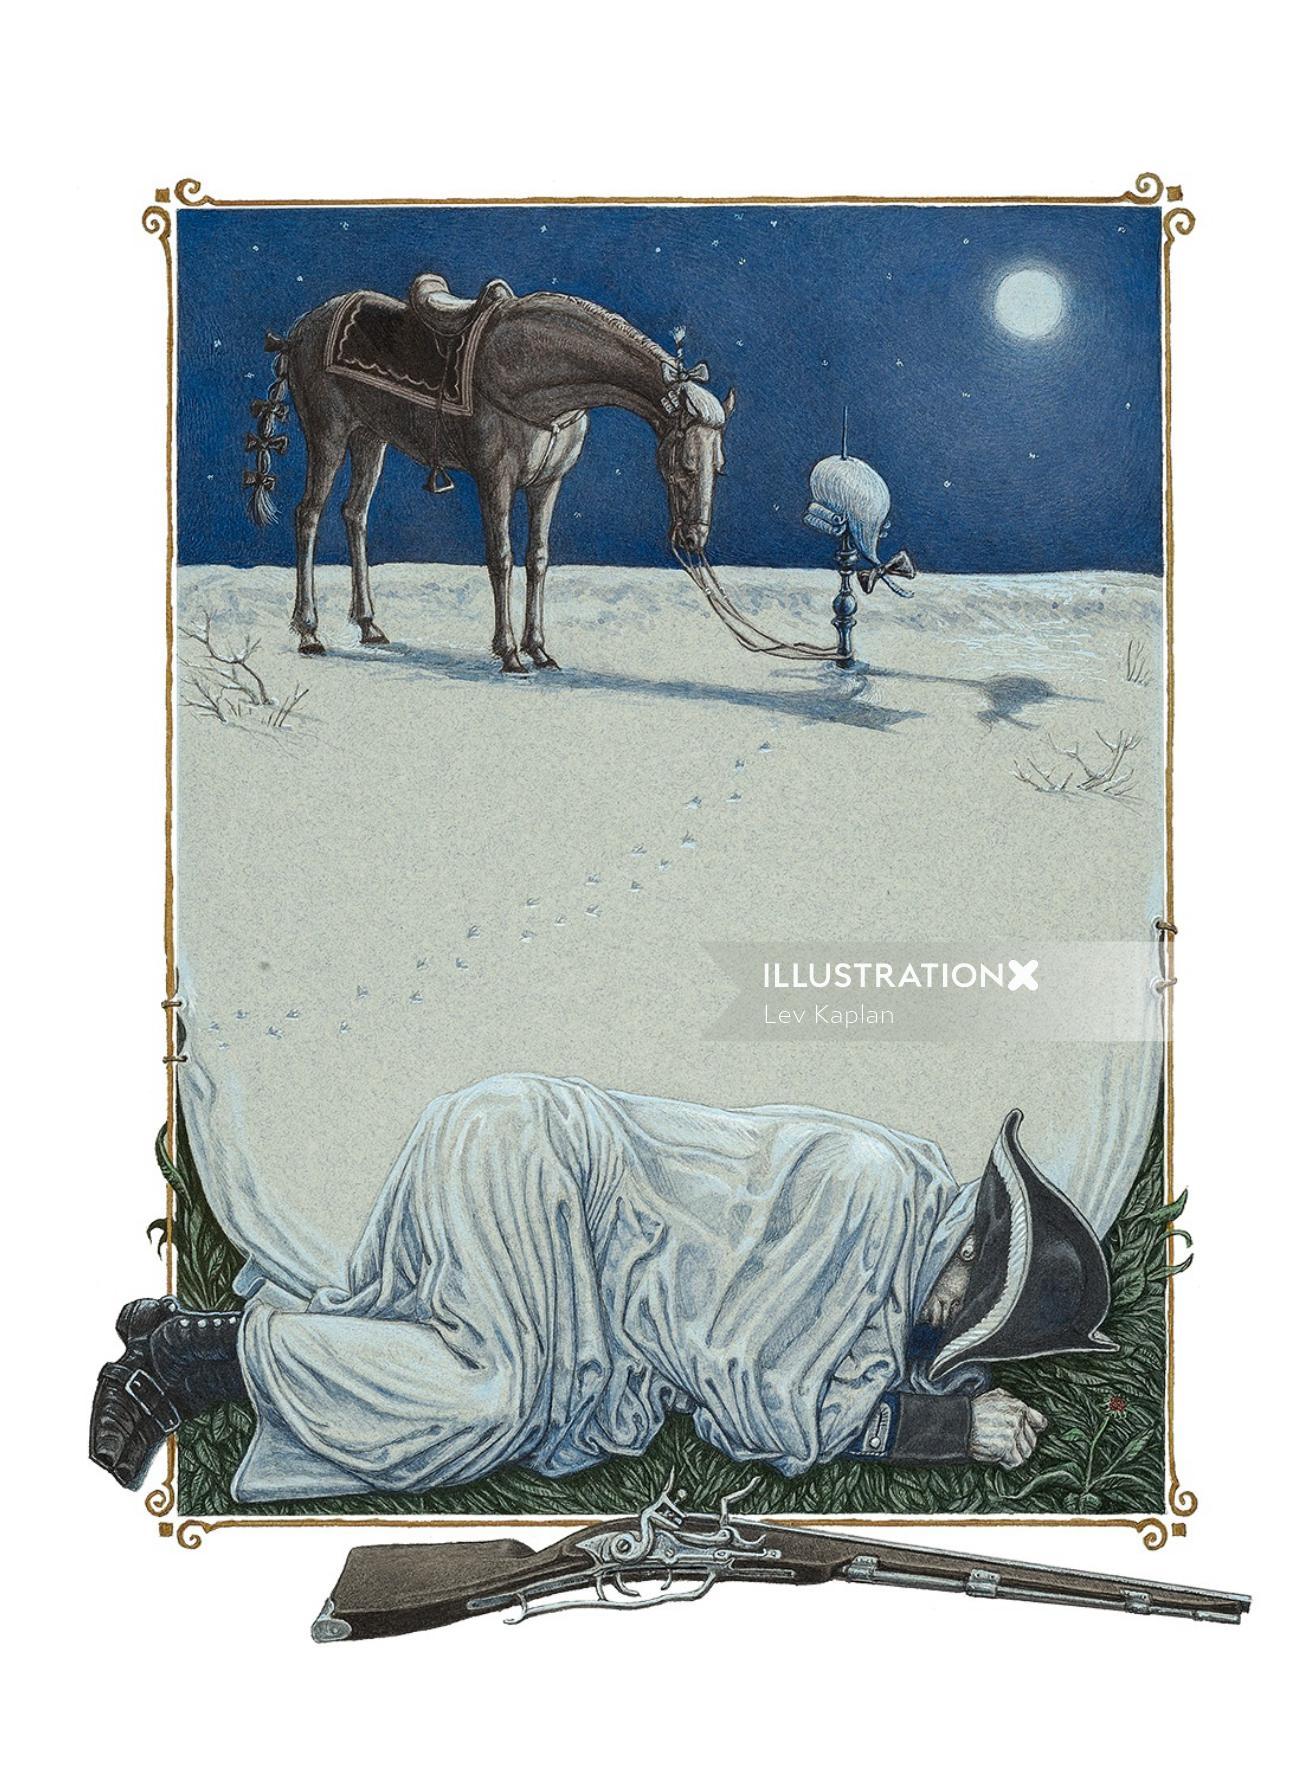 Man is sleeping in moonlight illustration